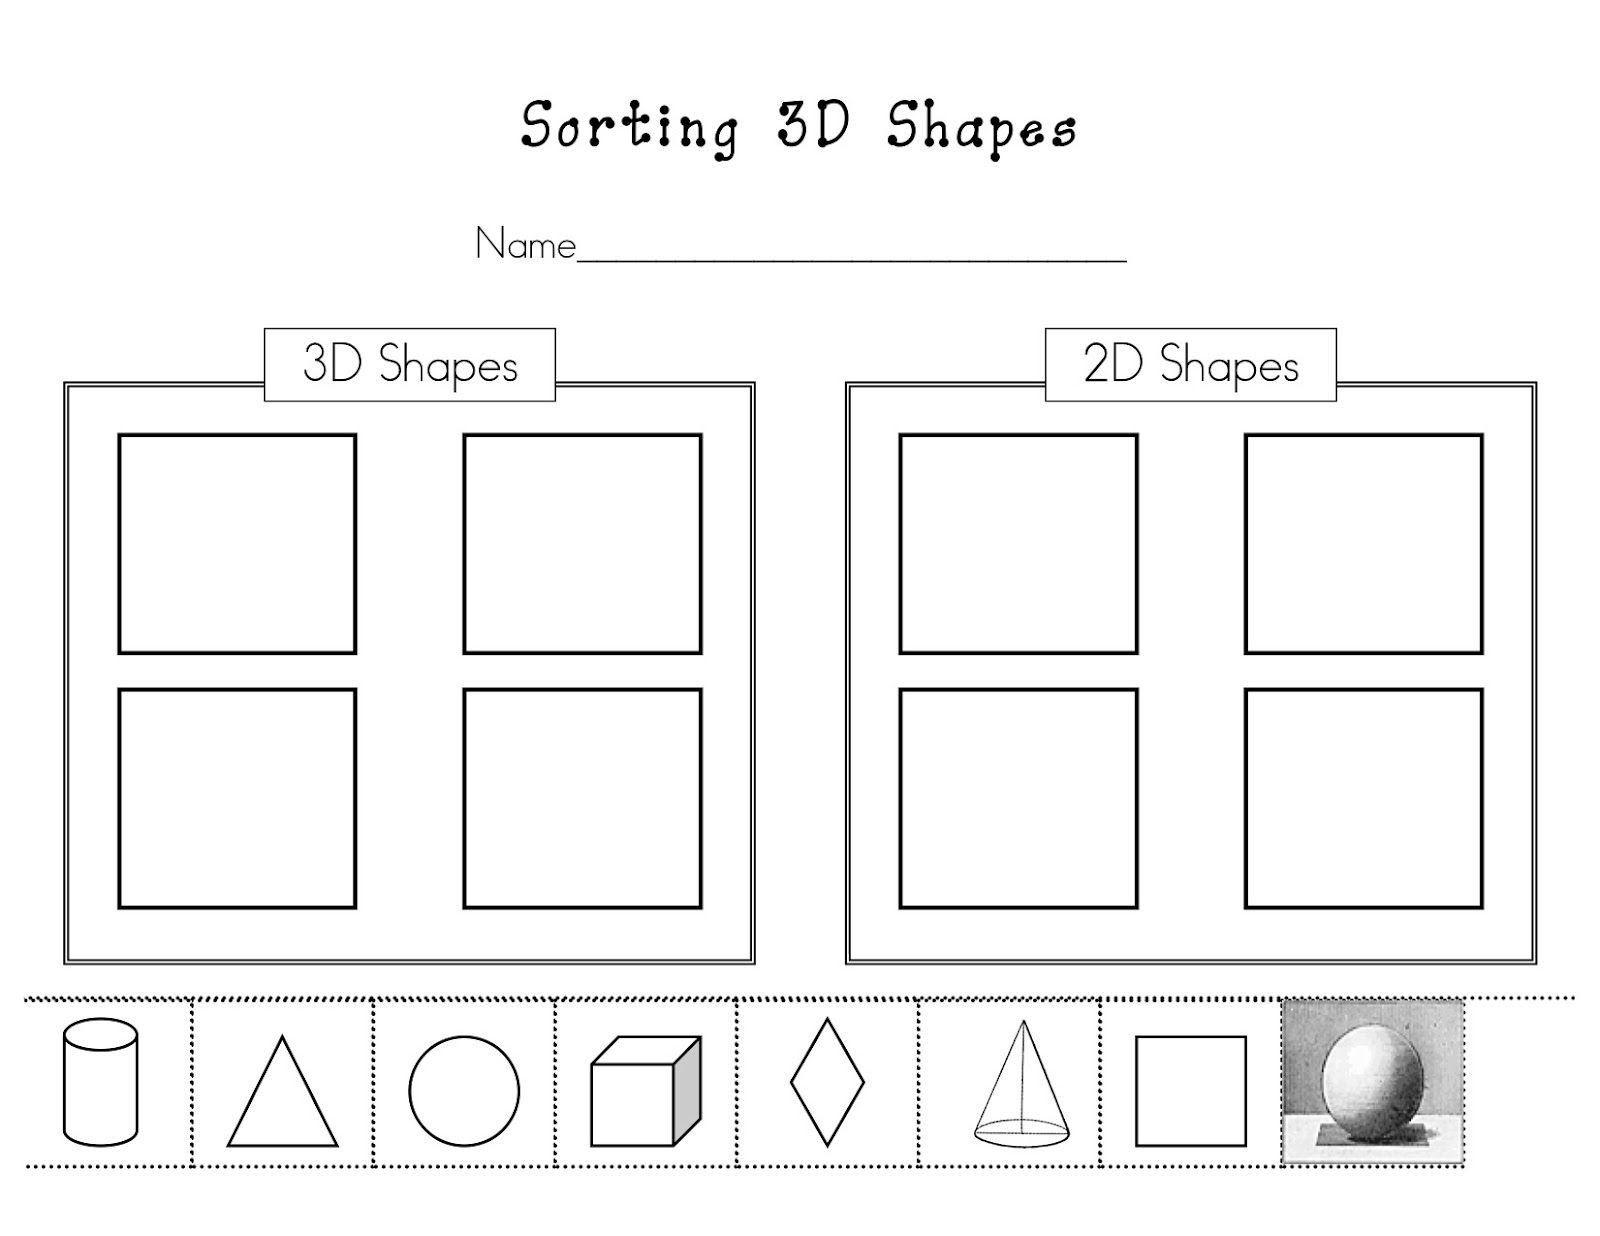 3d Shape Worksheet For Kindergarten Teaching 3d Shapes In